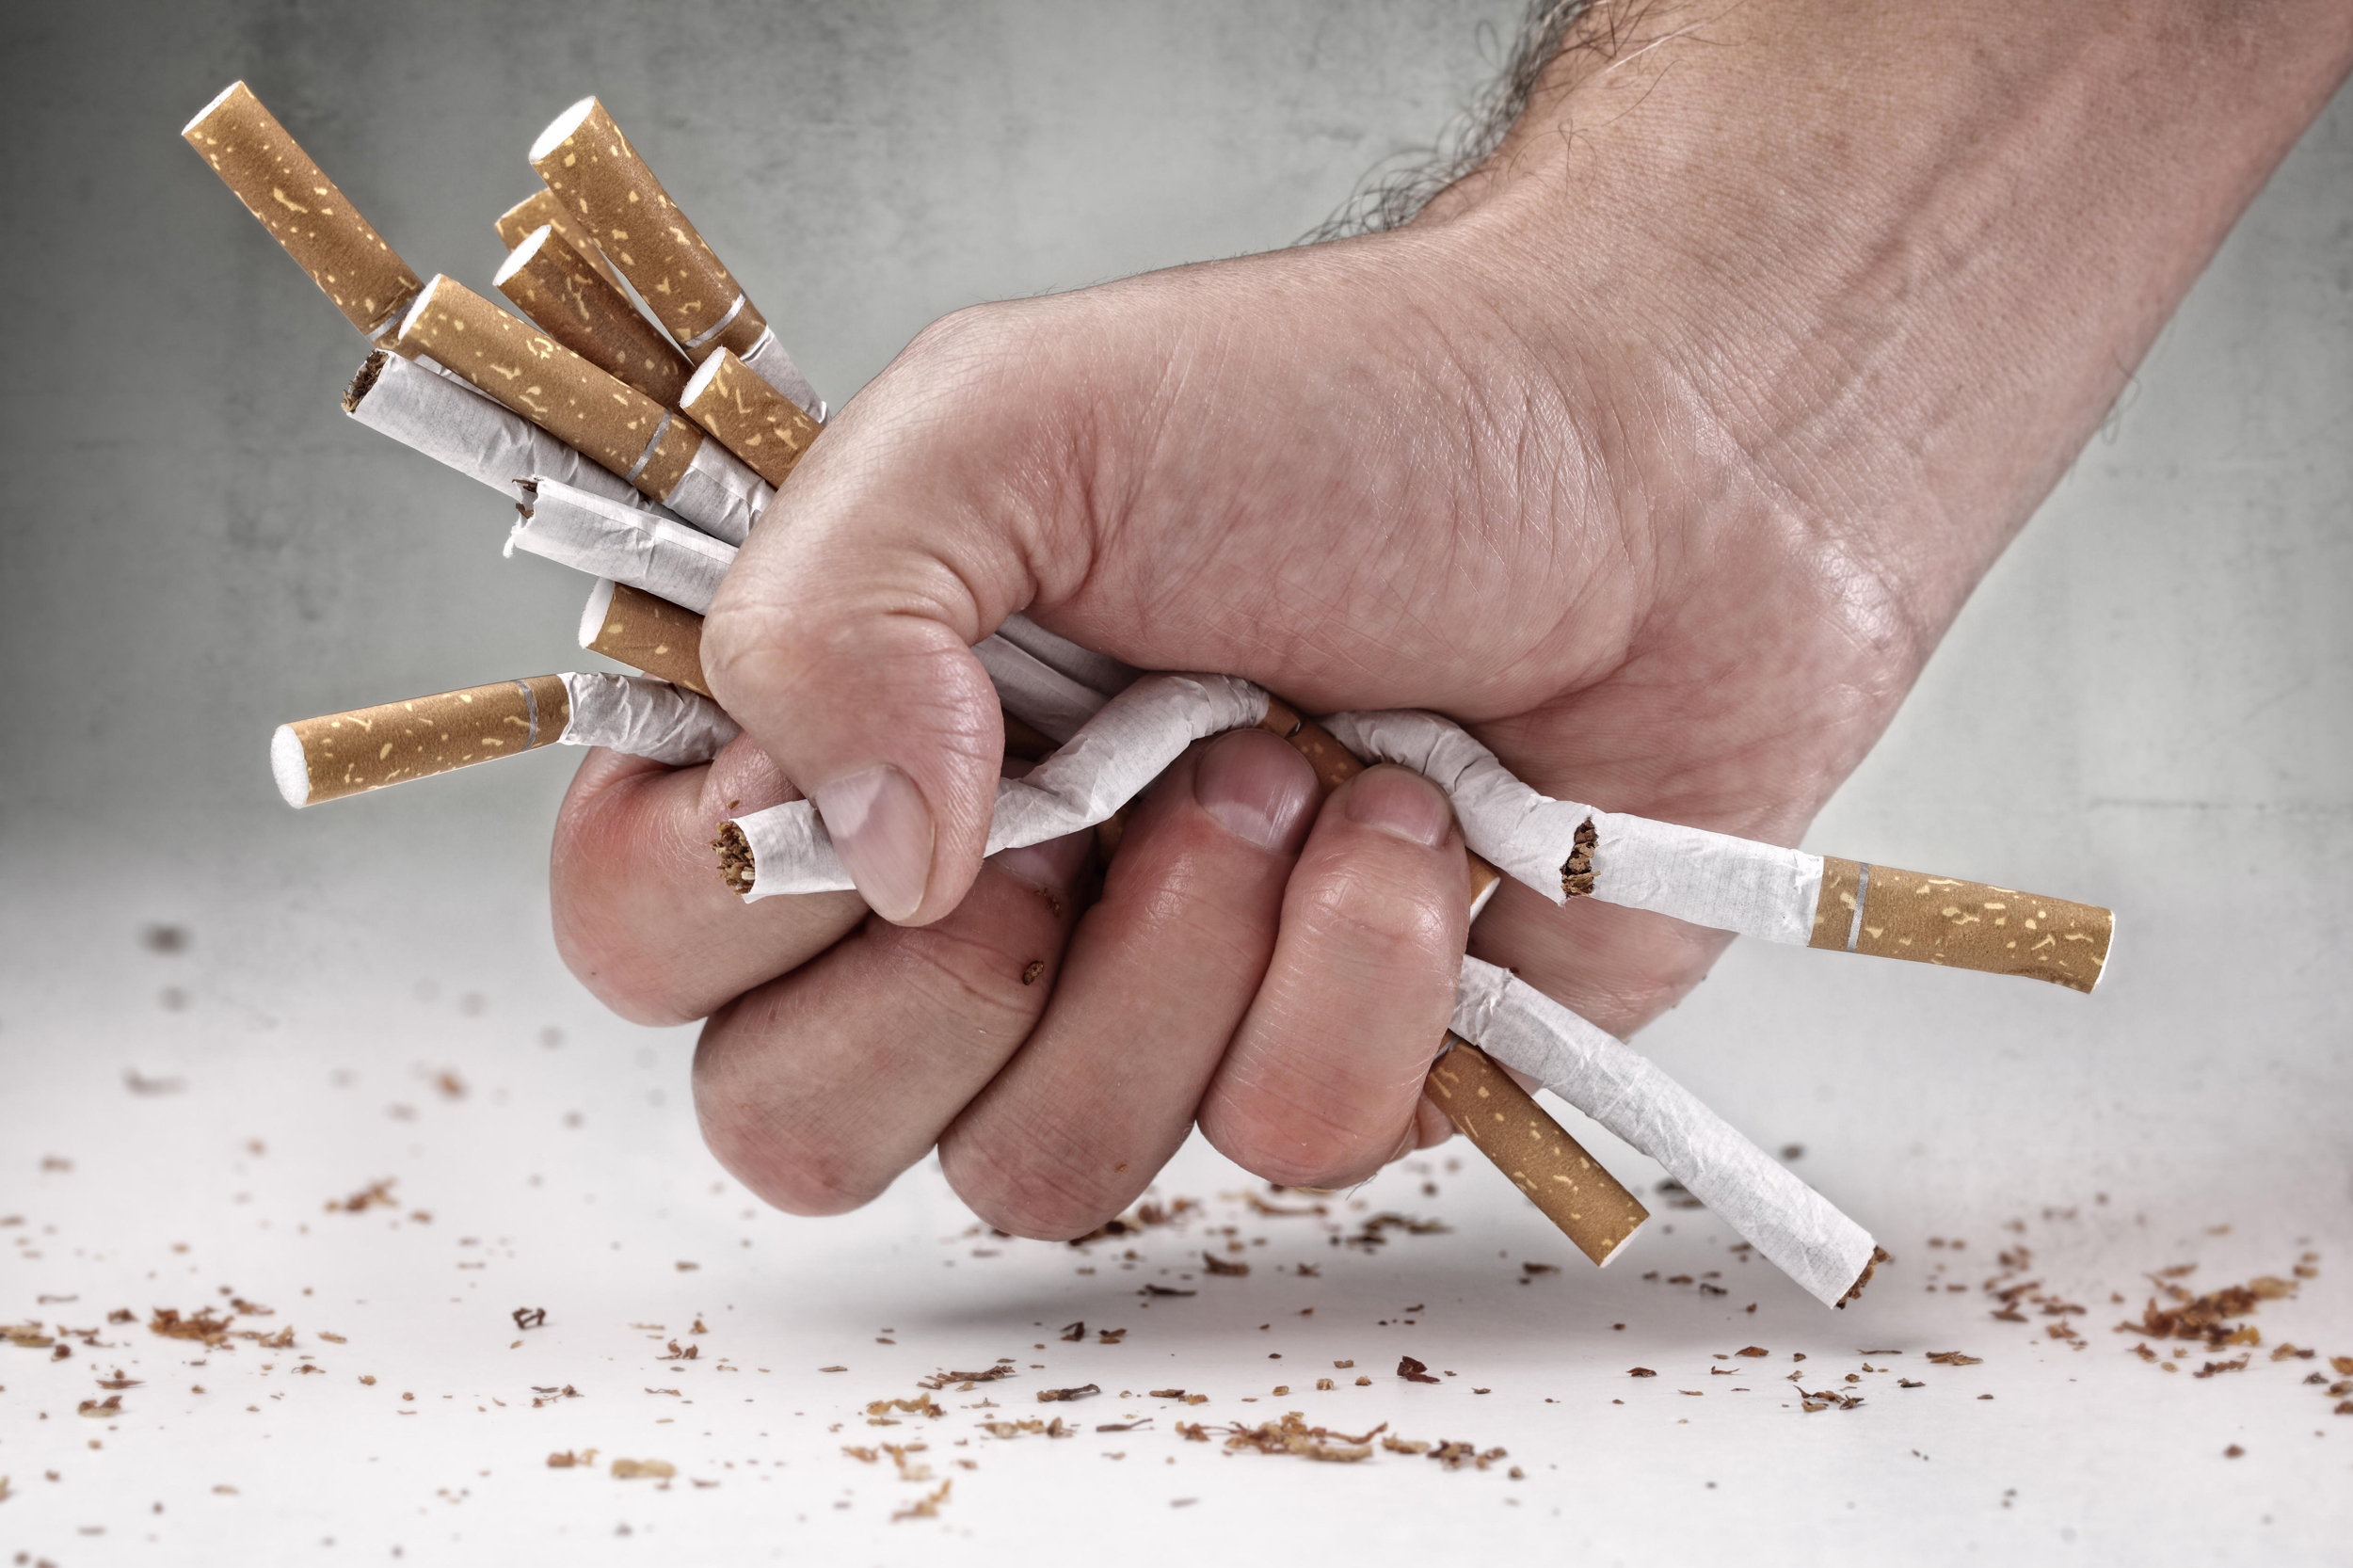 сын политика смотреть фото против курения щуку